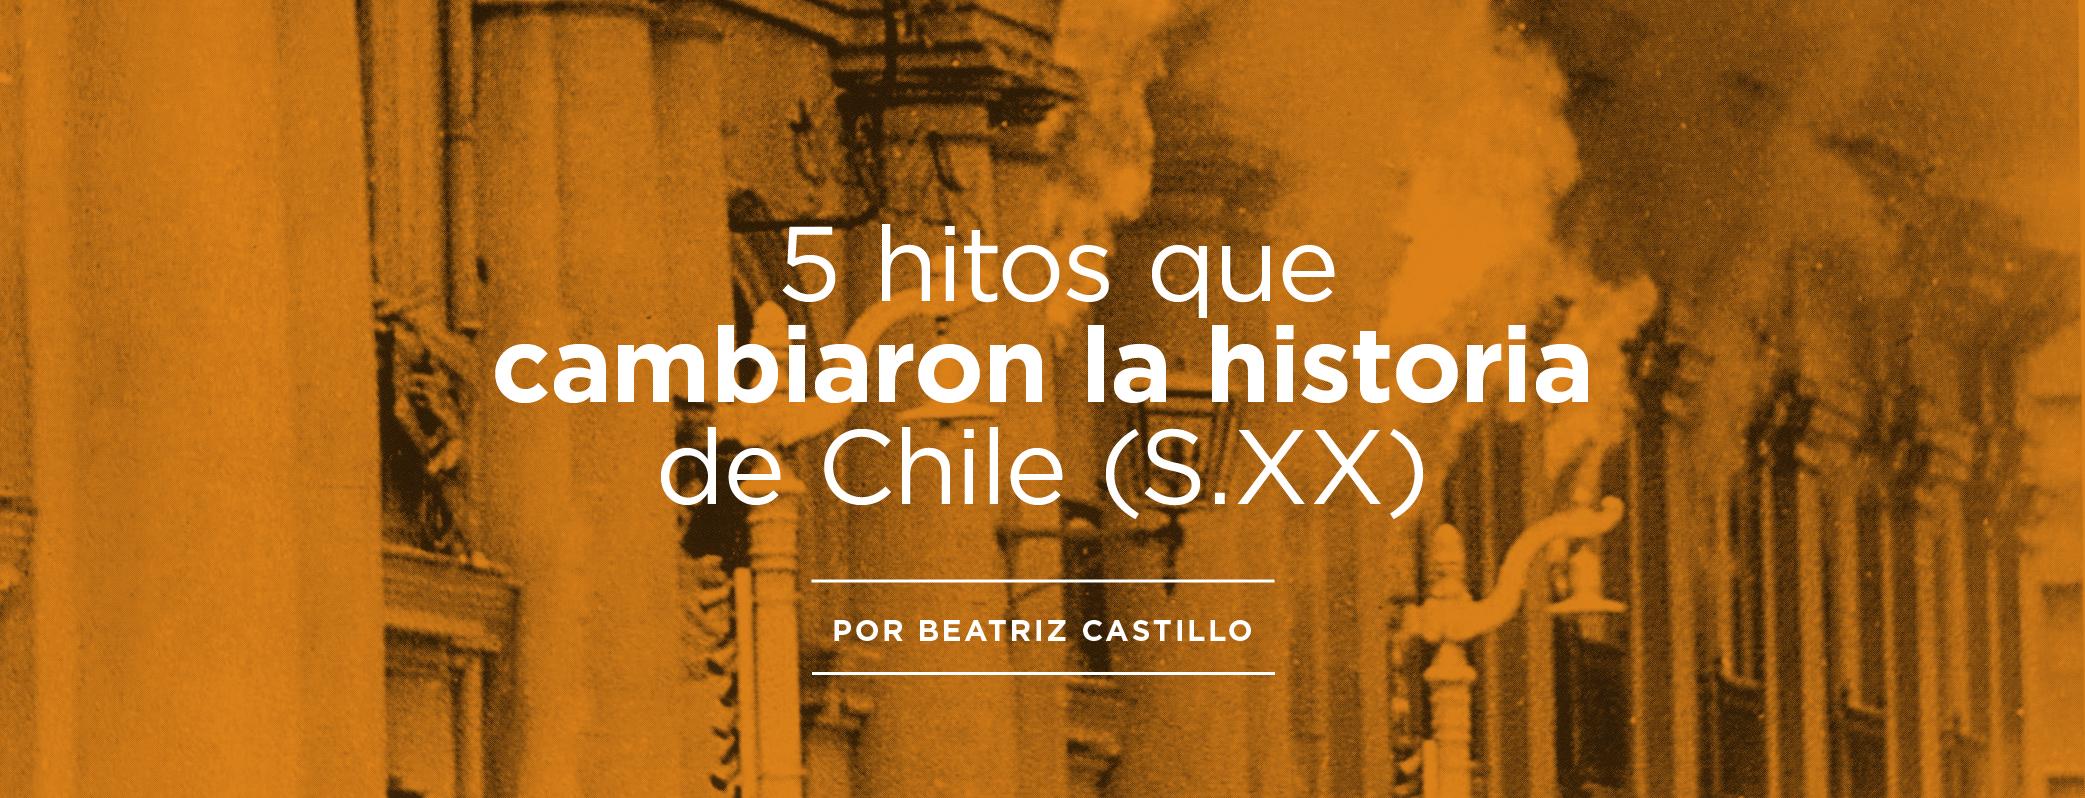 Portada 5 hitos que cambiaron la historia de chile s xx 01